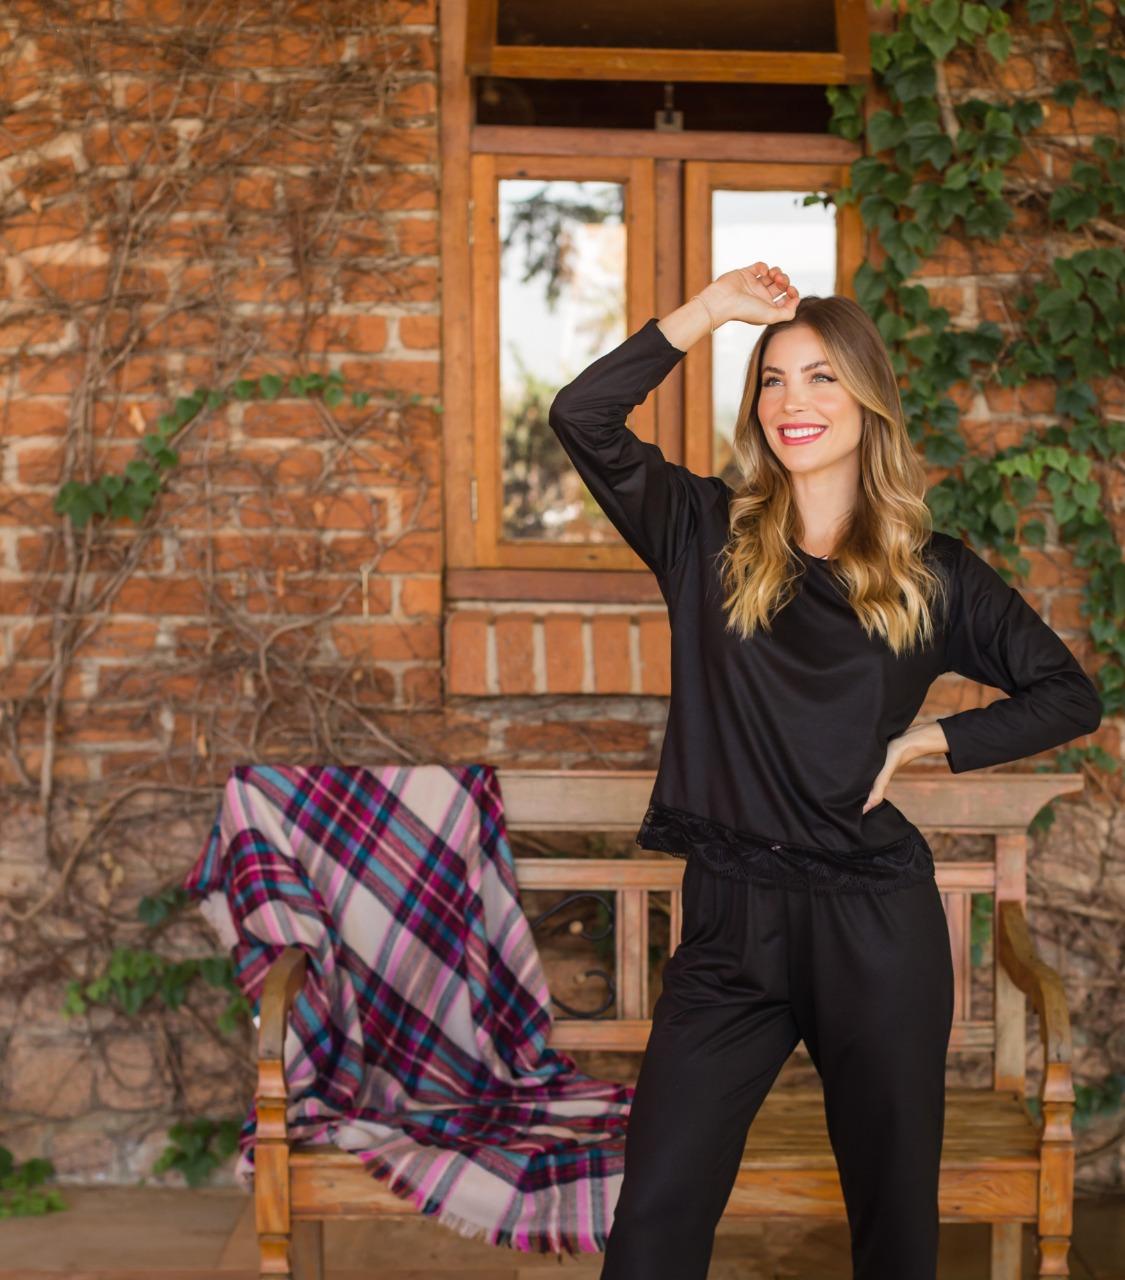 Pijama feminino Longo de Malha PV com Detalhes rem renda